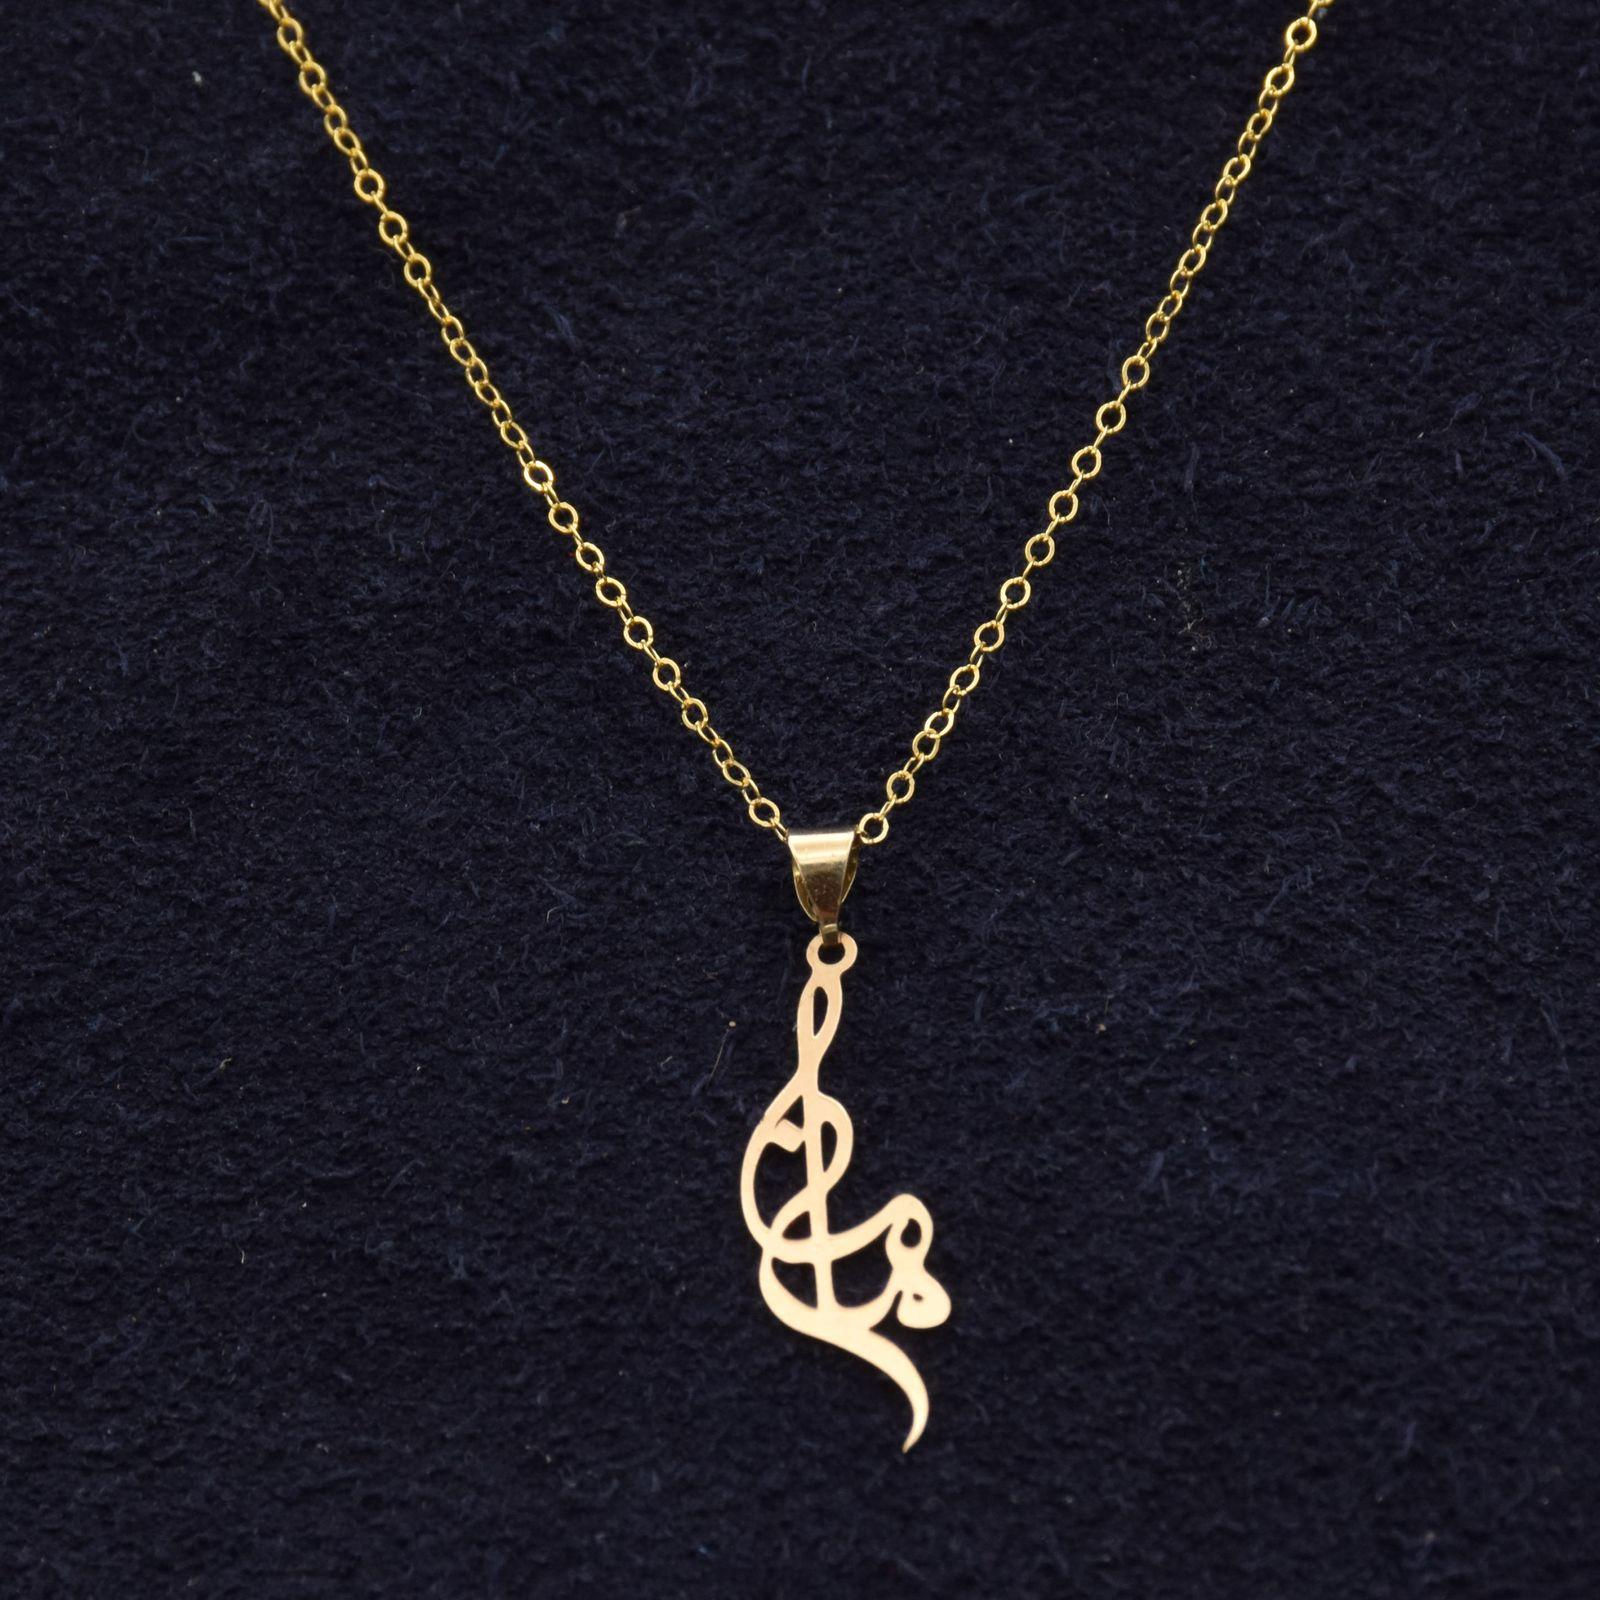 گردنبند طلا 18 عیار زنانه آمانژ طرح مامان کد 933D8893 -  - 1